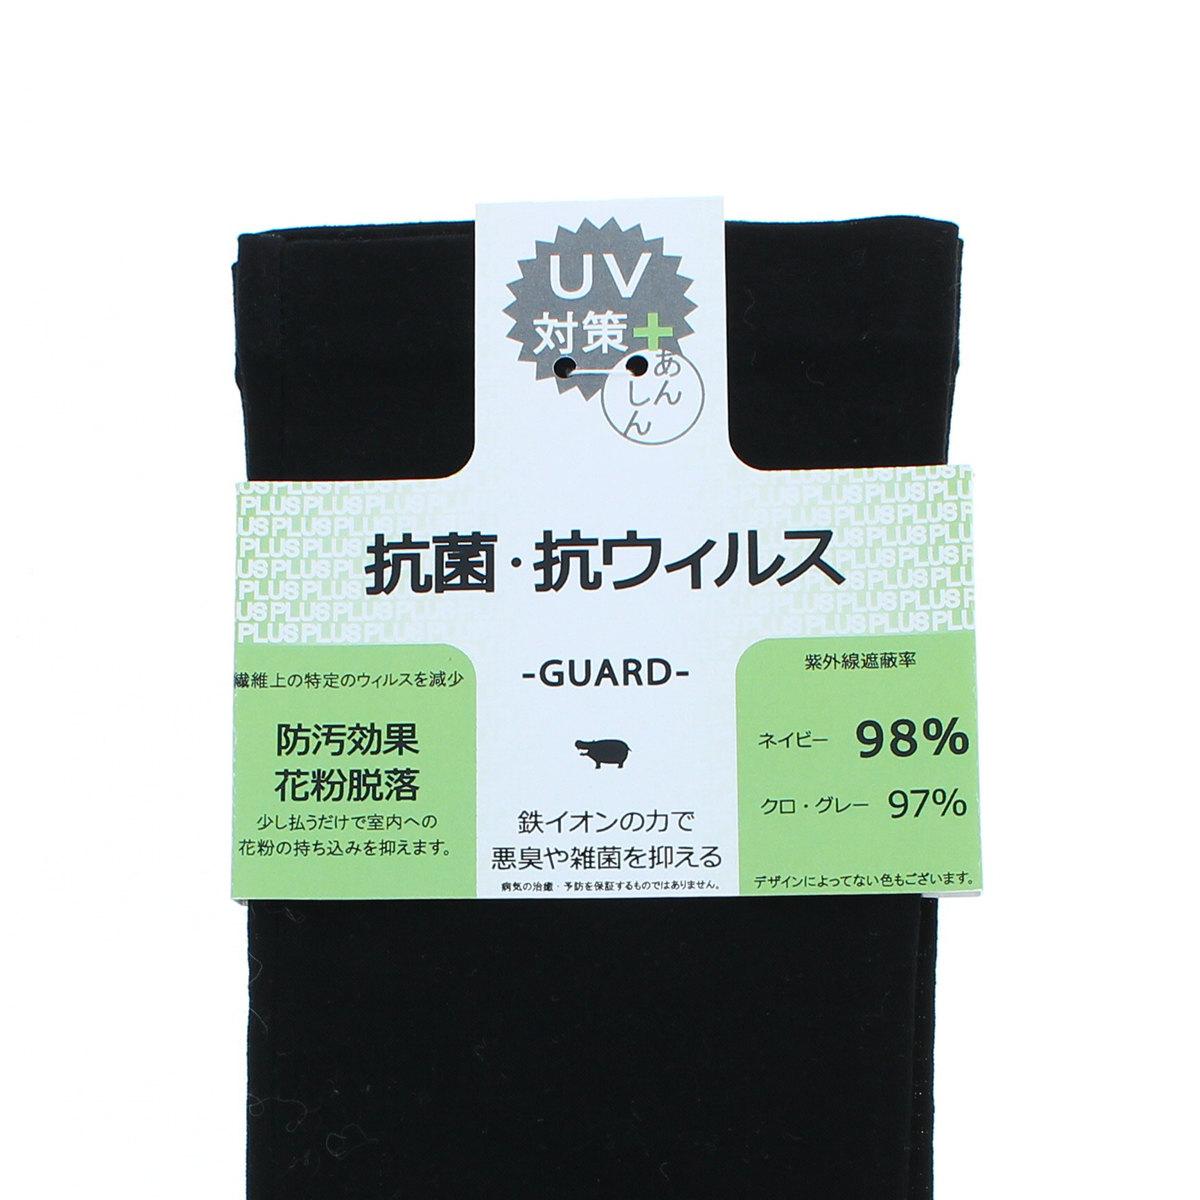 レディース UV手袋 抗菌 抗ウイルス 雑菌抑制 消臭 花粉対策 敏感肌対応 スマホ対応 綿100% UVカット 五本指手袋 汚れ分解 ヨークス セミロング丈 35cm